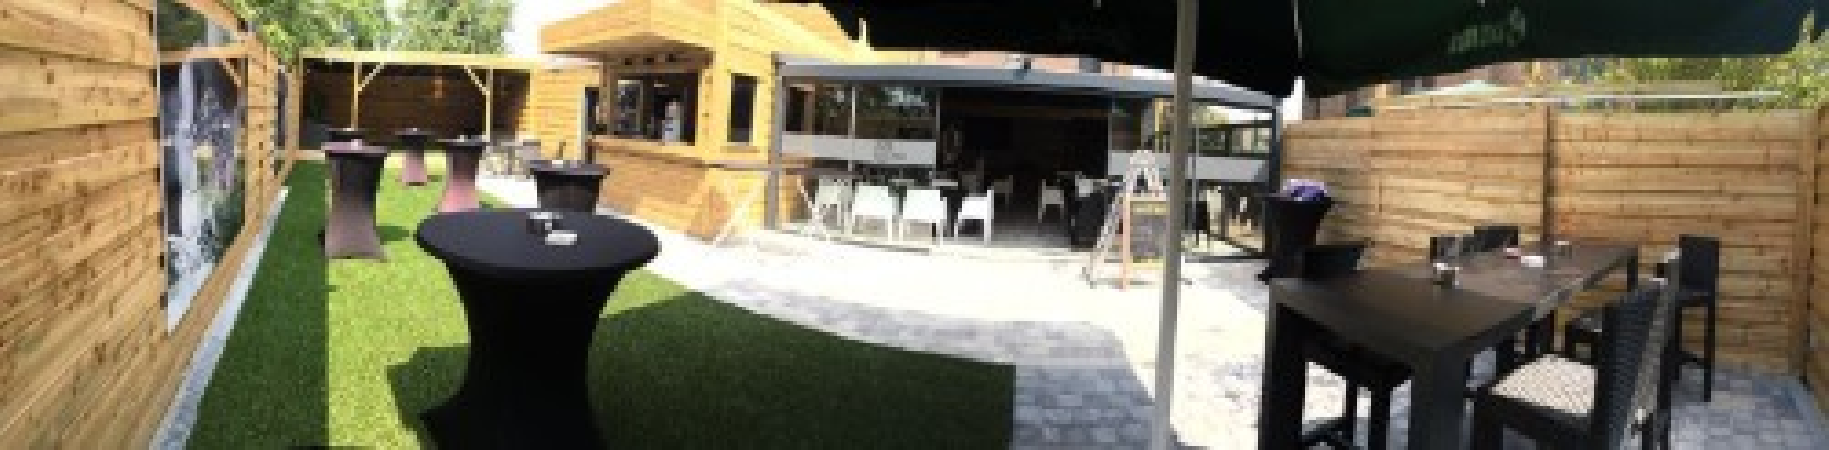 Eetcafé met zaal, terras en bovenwoning in Vogelwaarde (Zeeuws-Vlaanderen) te koop. foto 13